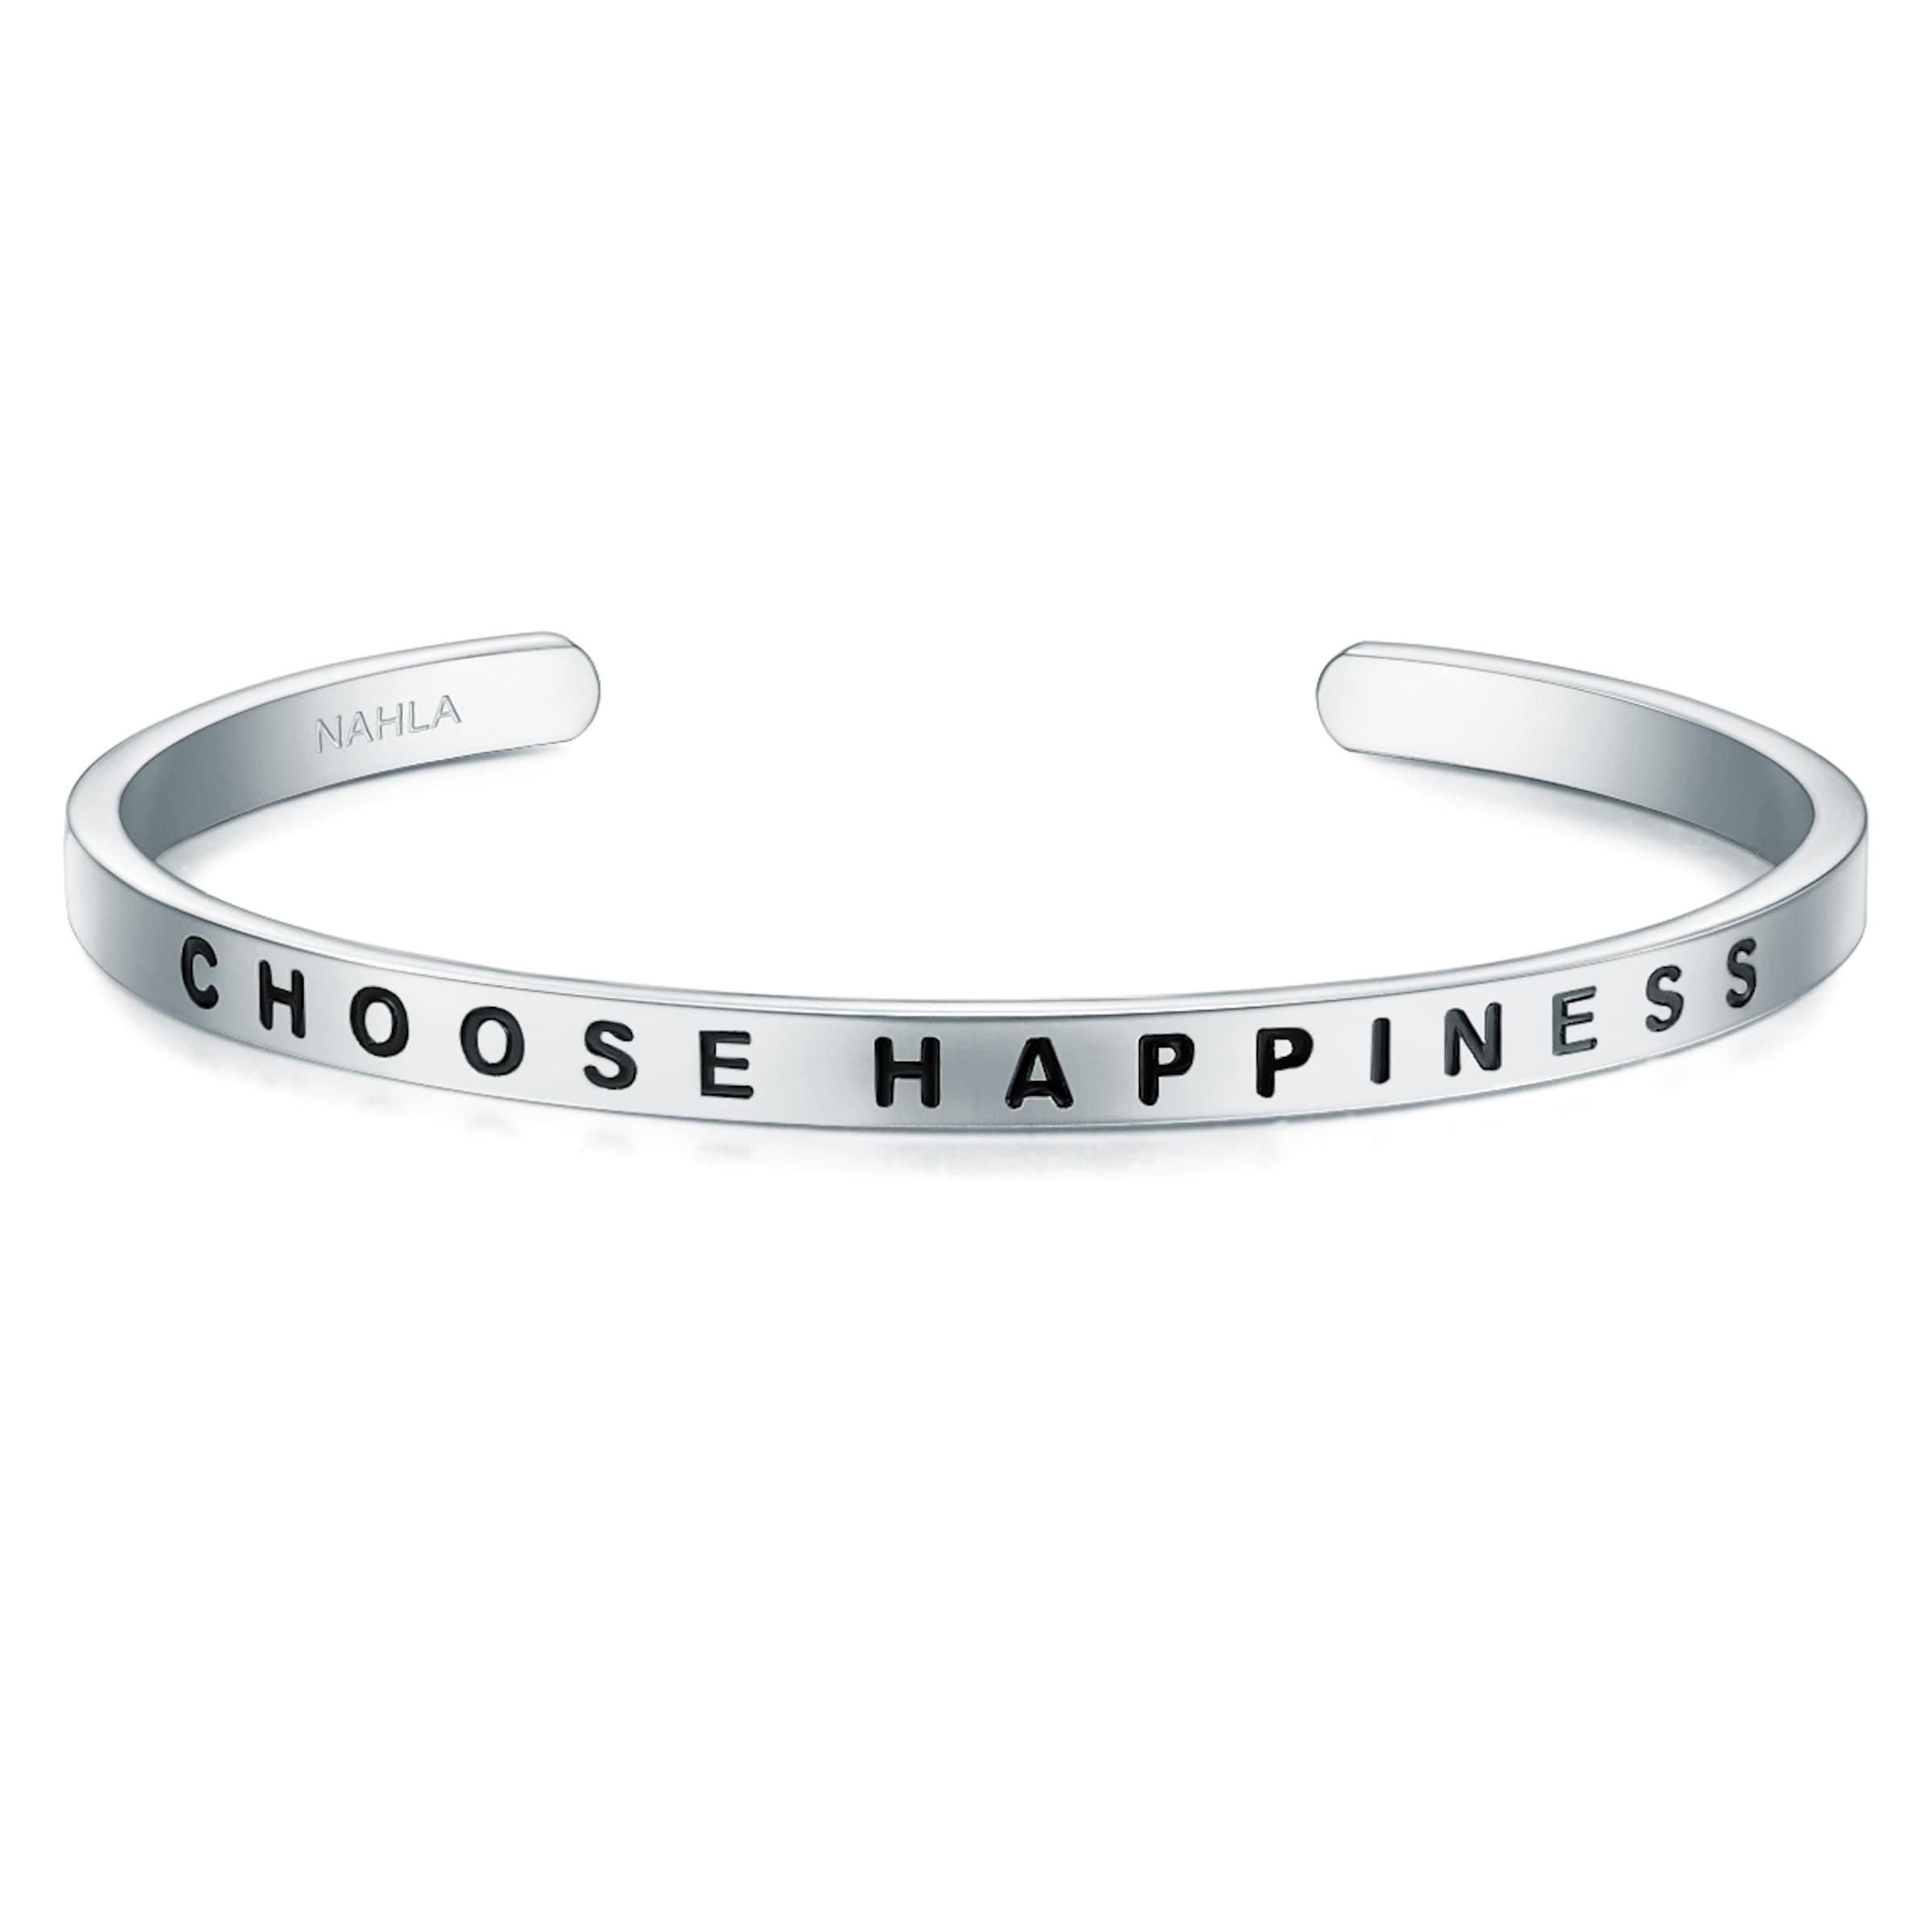 Kaufen Sie Ihre Lieblings Billig Empfehlen Nahla Jewels Armband mit Schriftzug CHOOSE HAPPINESS c2Gqv0I